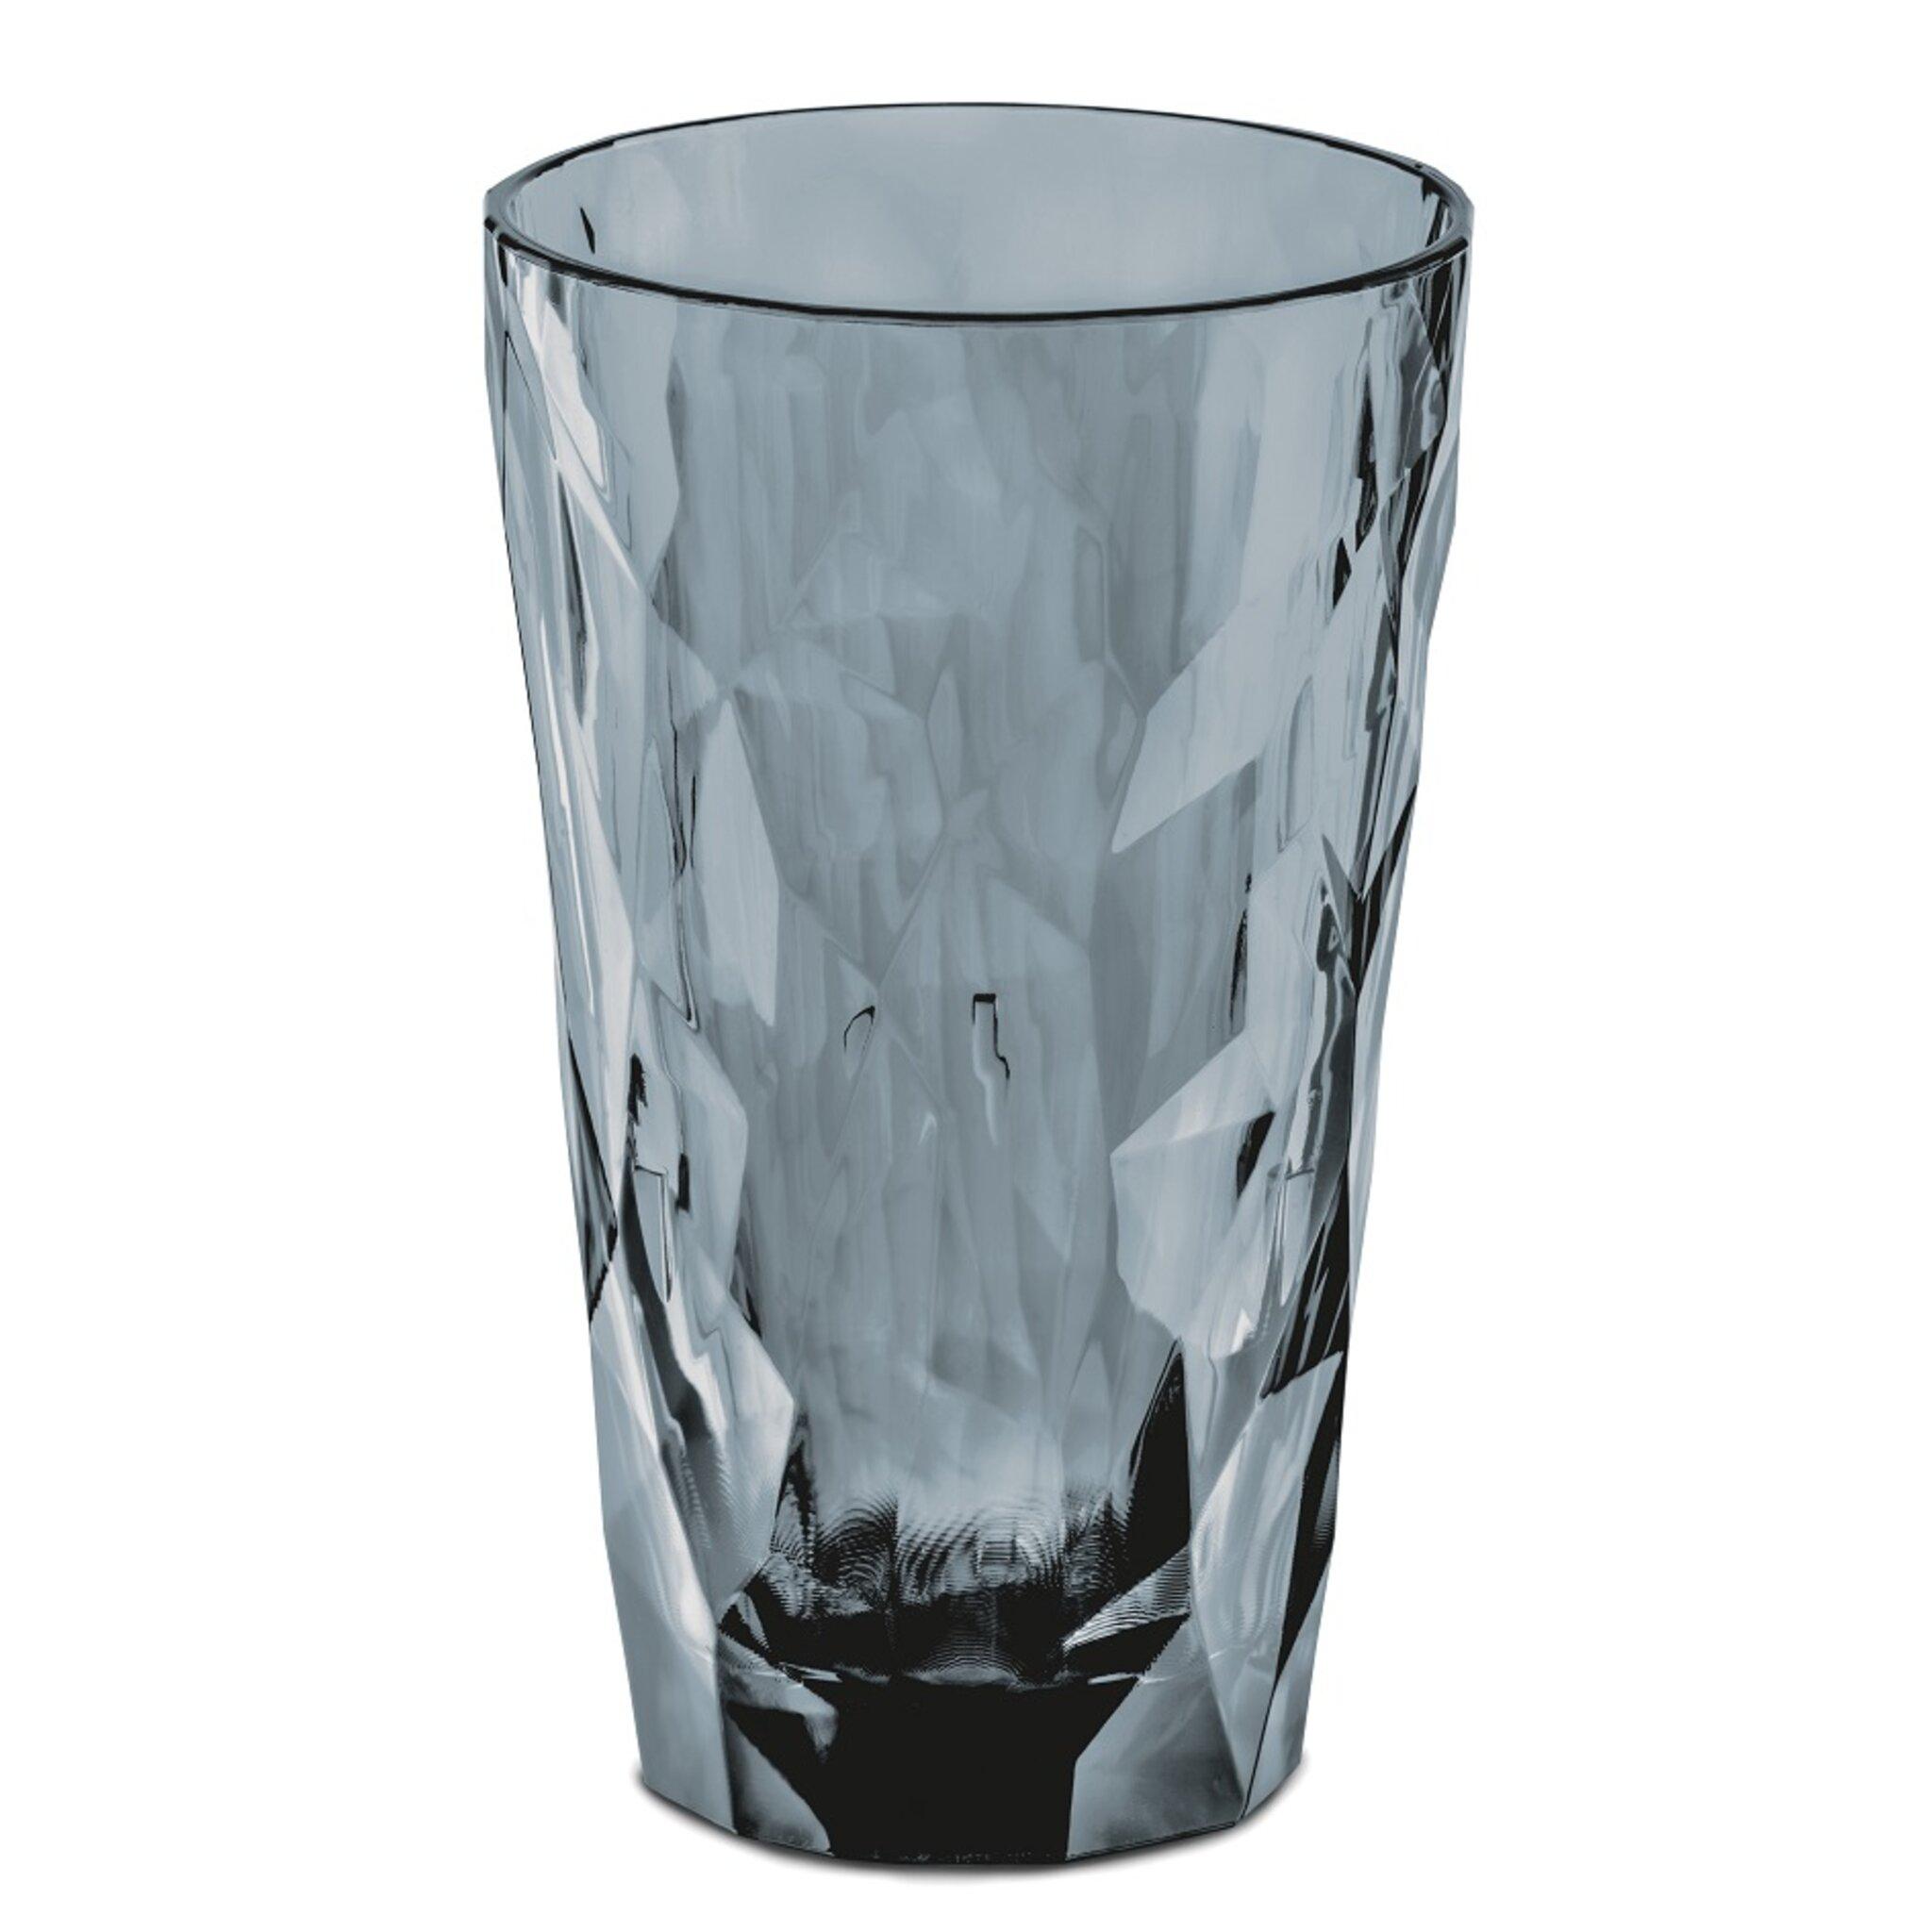 CLUB No. 6 Longdrinkglas 6-pack 300ml